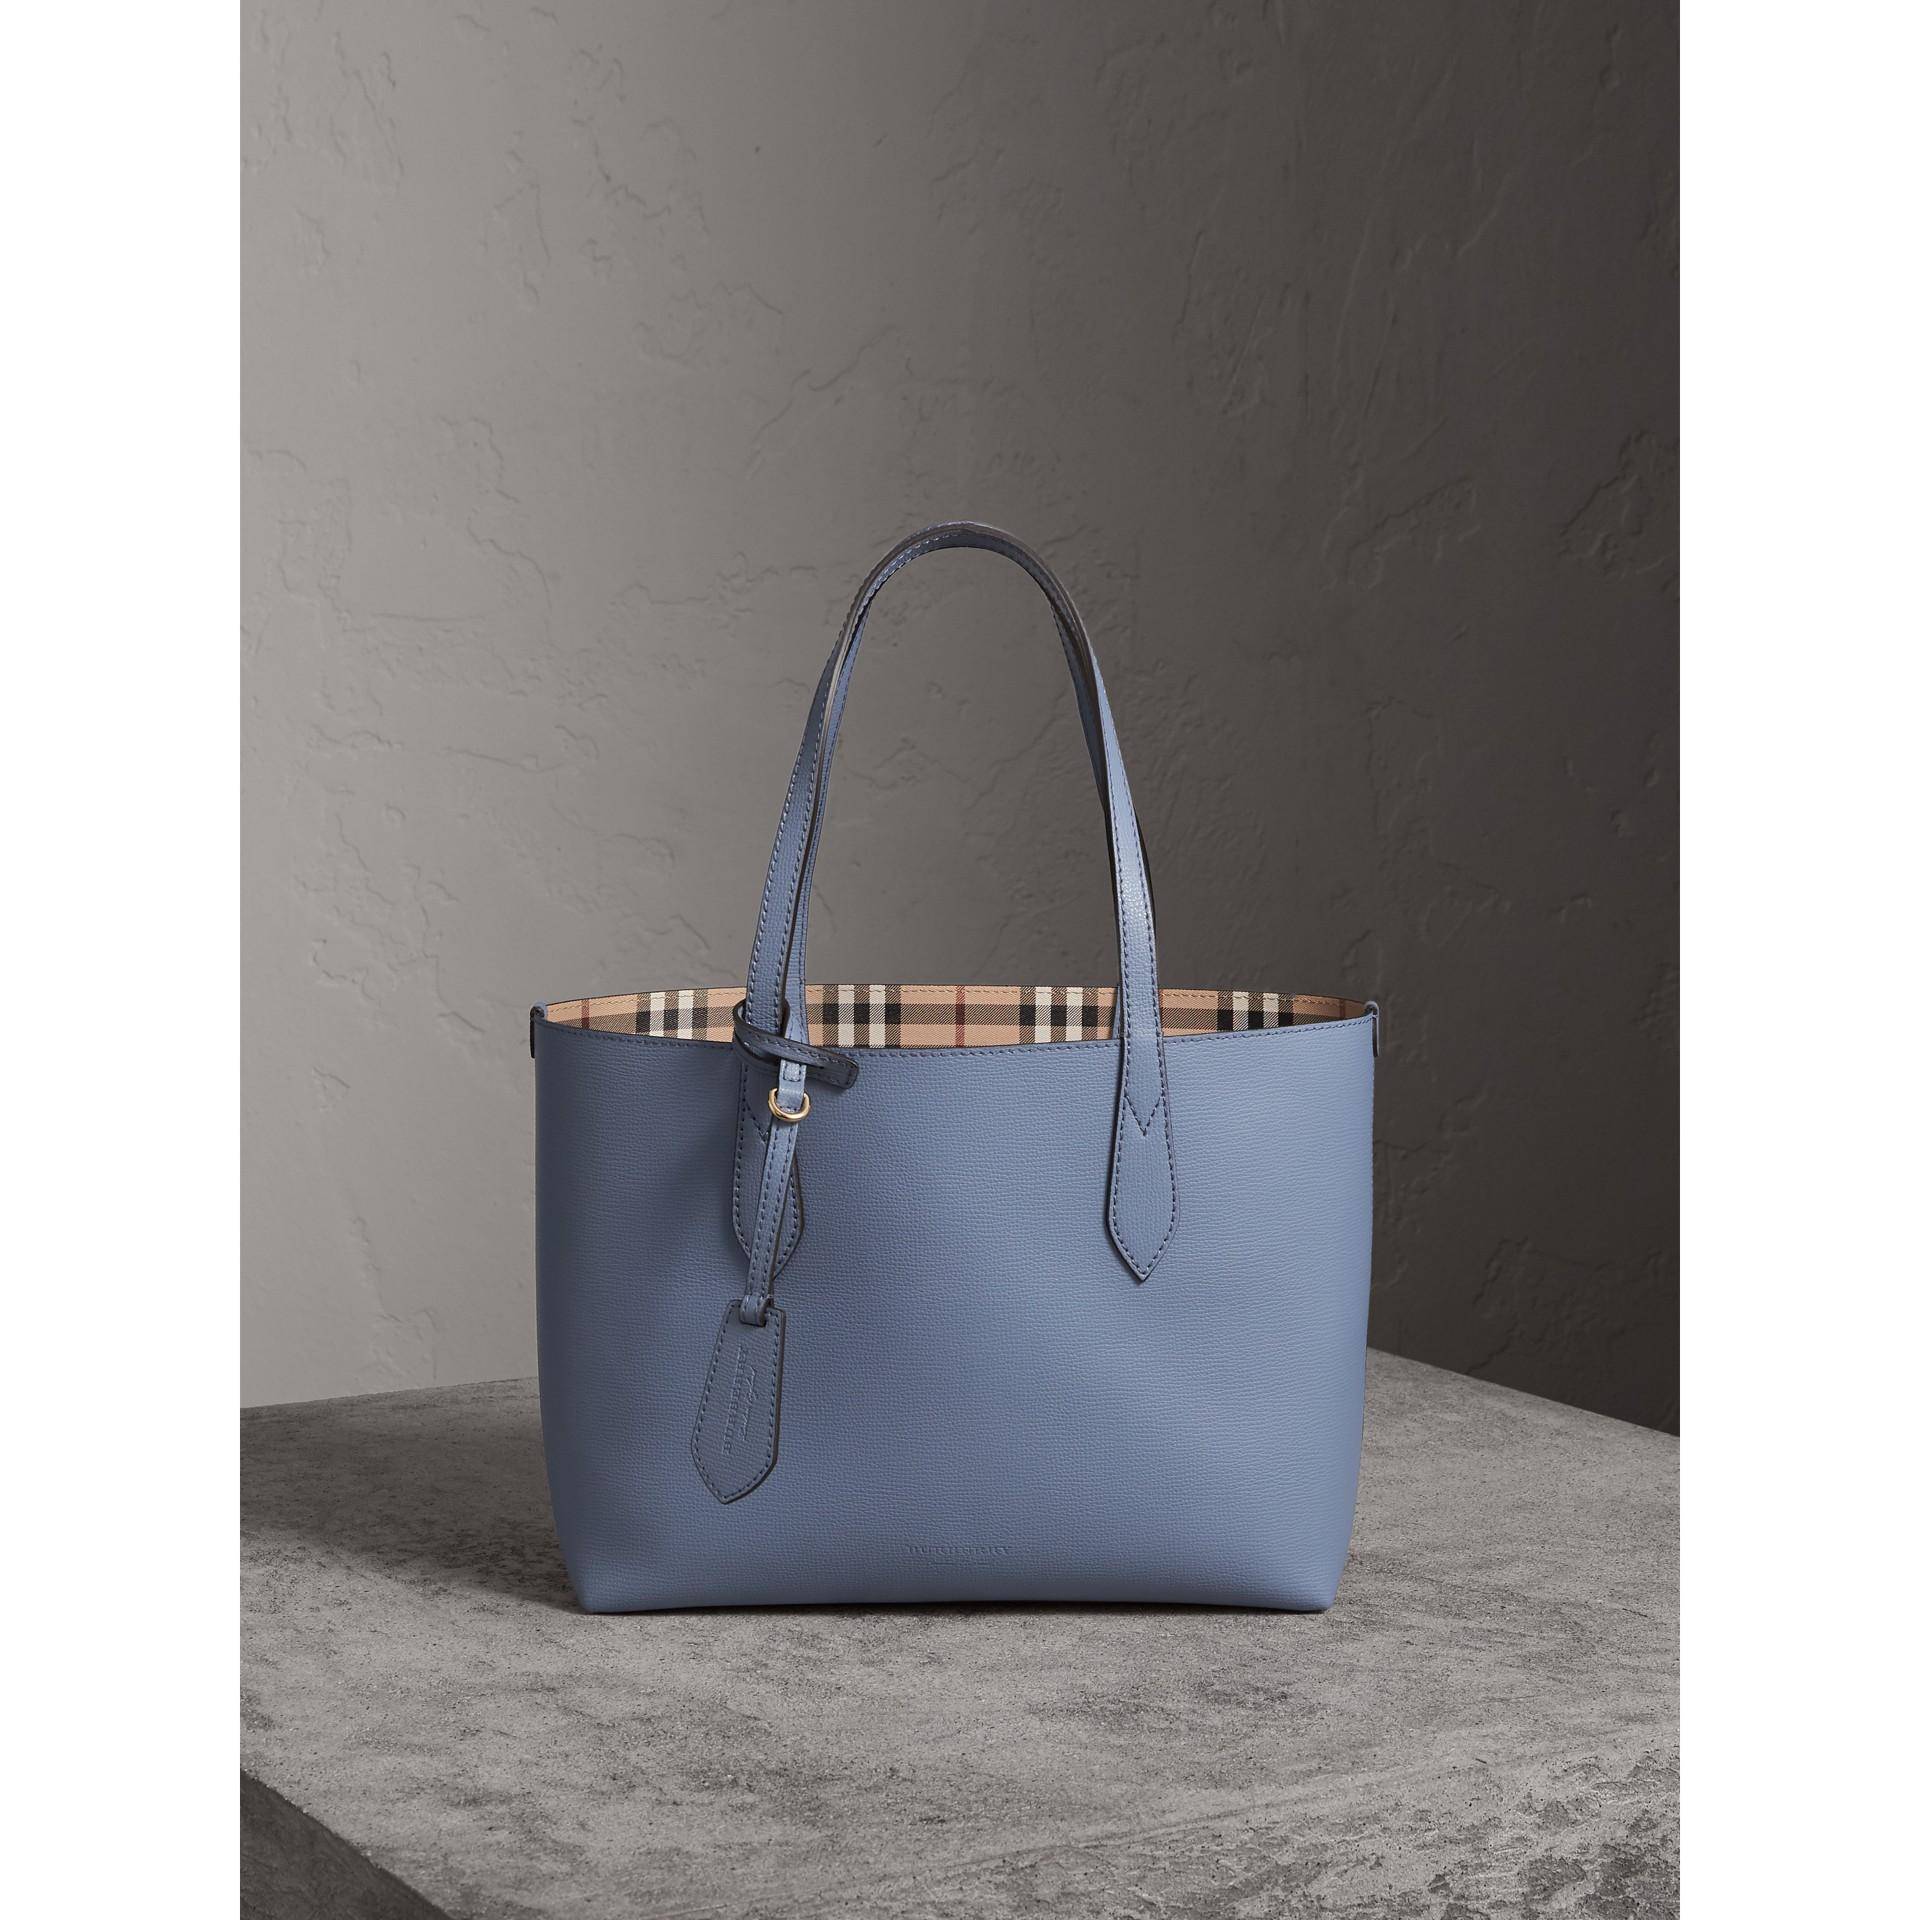 Petit sac tote réversible en cuir et tissu Haymarket check (Bleu Ardoise) - Femme | Burberry - photo de la galerie 8